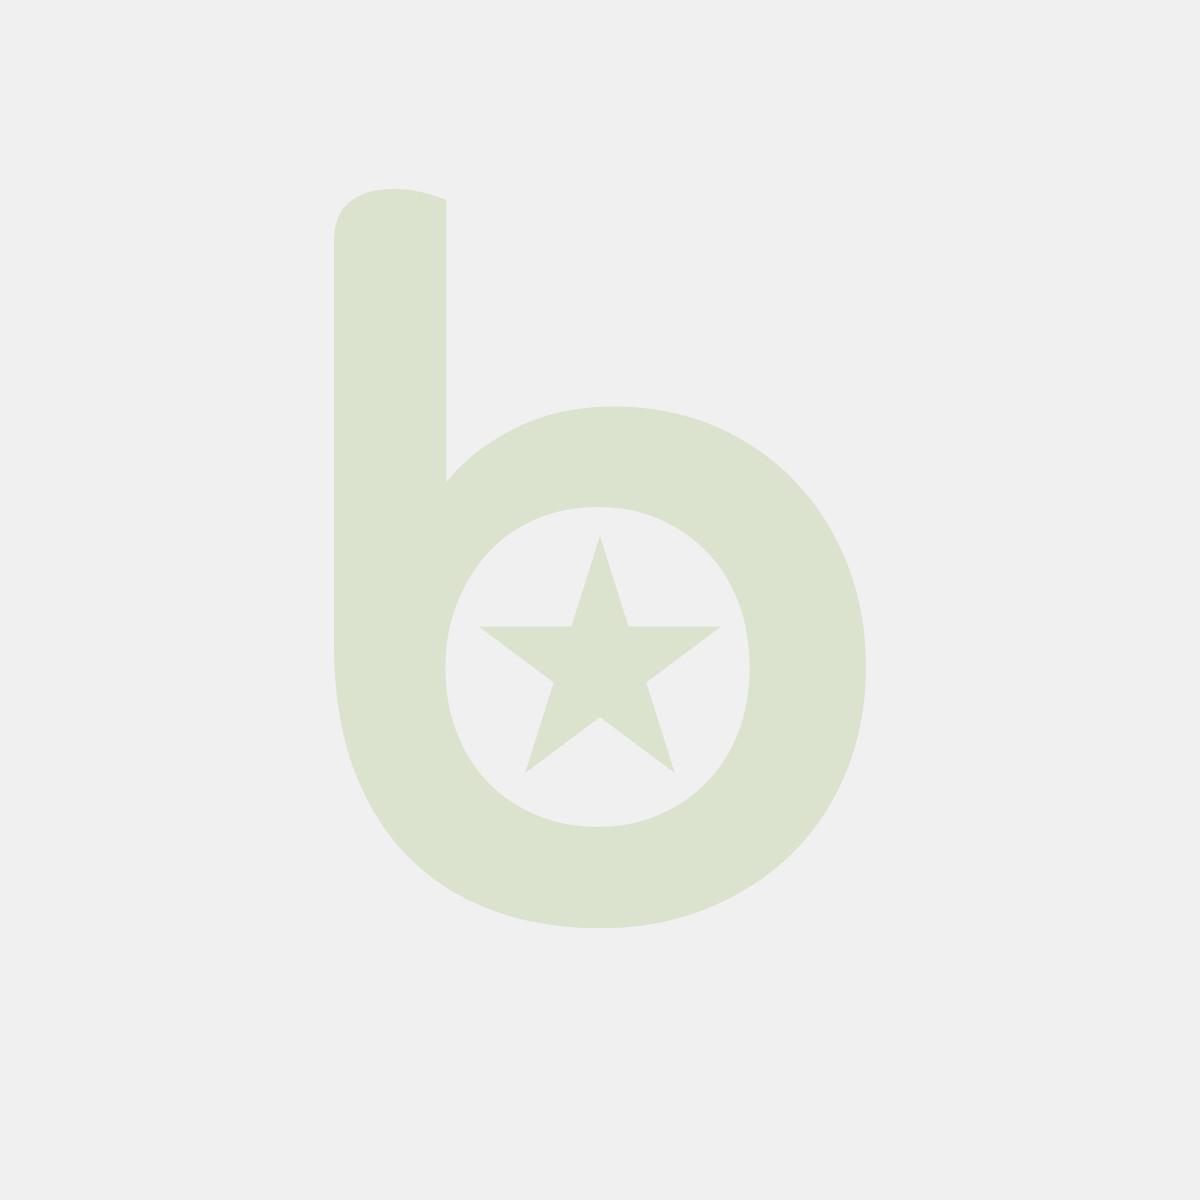 Torba klockowa szara 320/170/400 z uchem płaskim